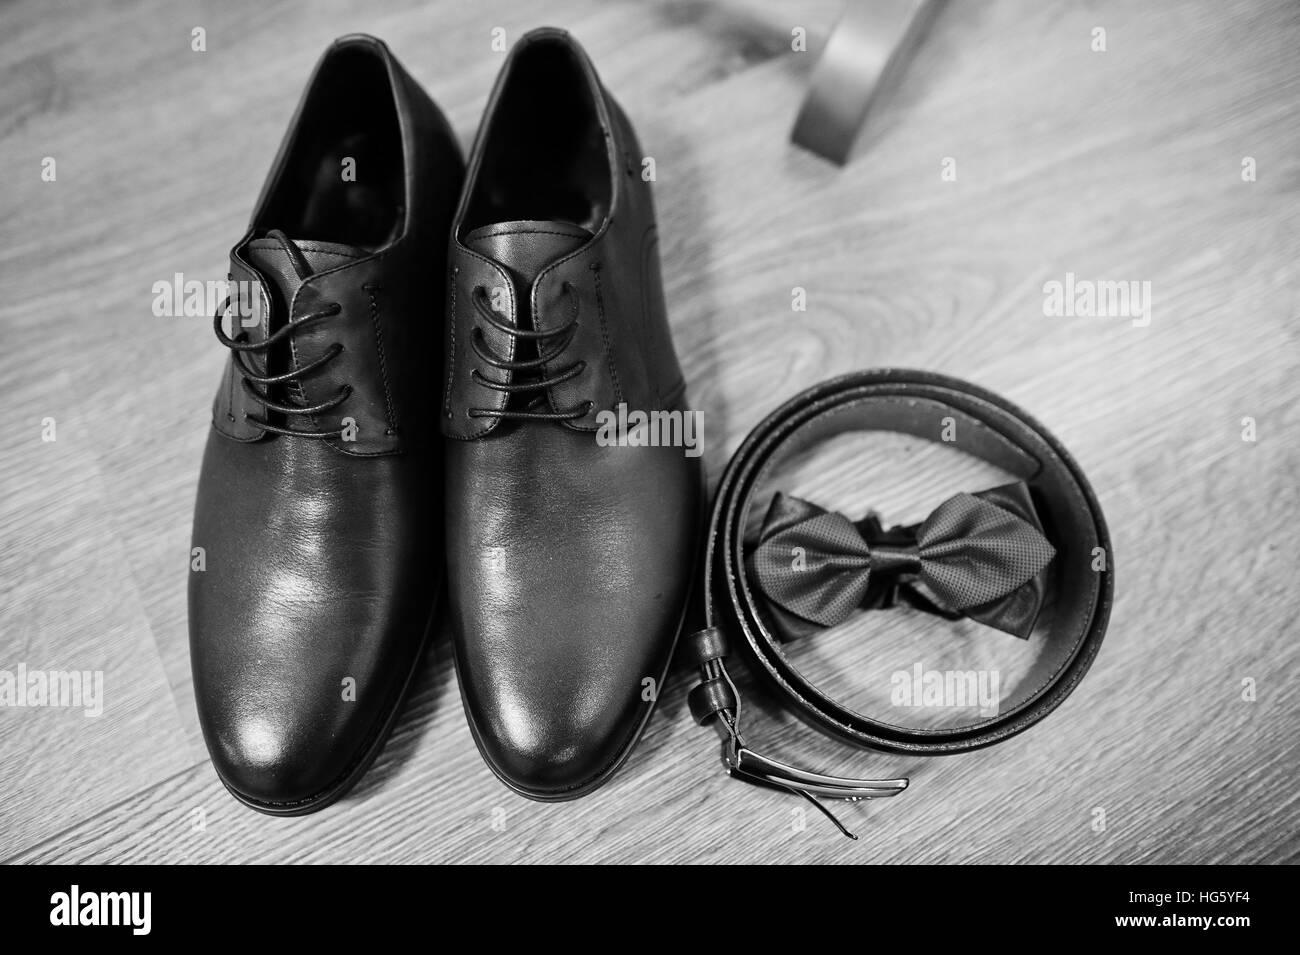 21524131da36 Pelle scarpe da uomo con il nastro e il filtro bow tie. Set di accessori  per lo sposo il giorno del matrimonio. Foto in bianco e nero.